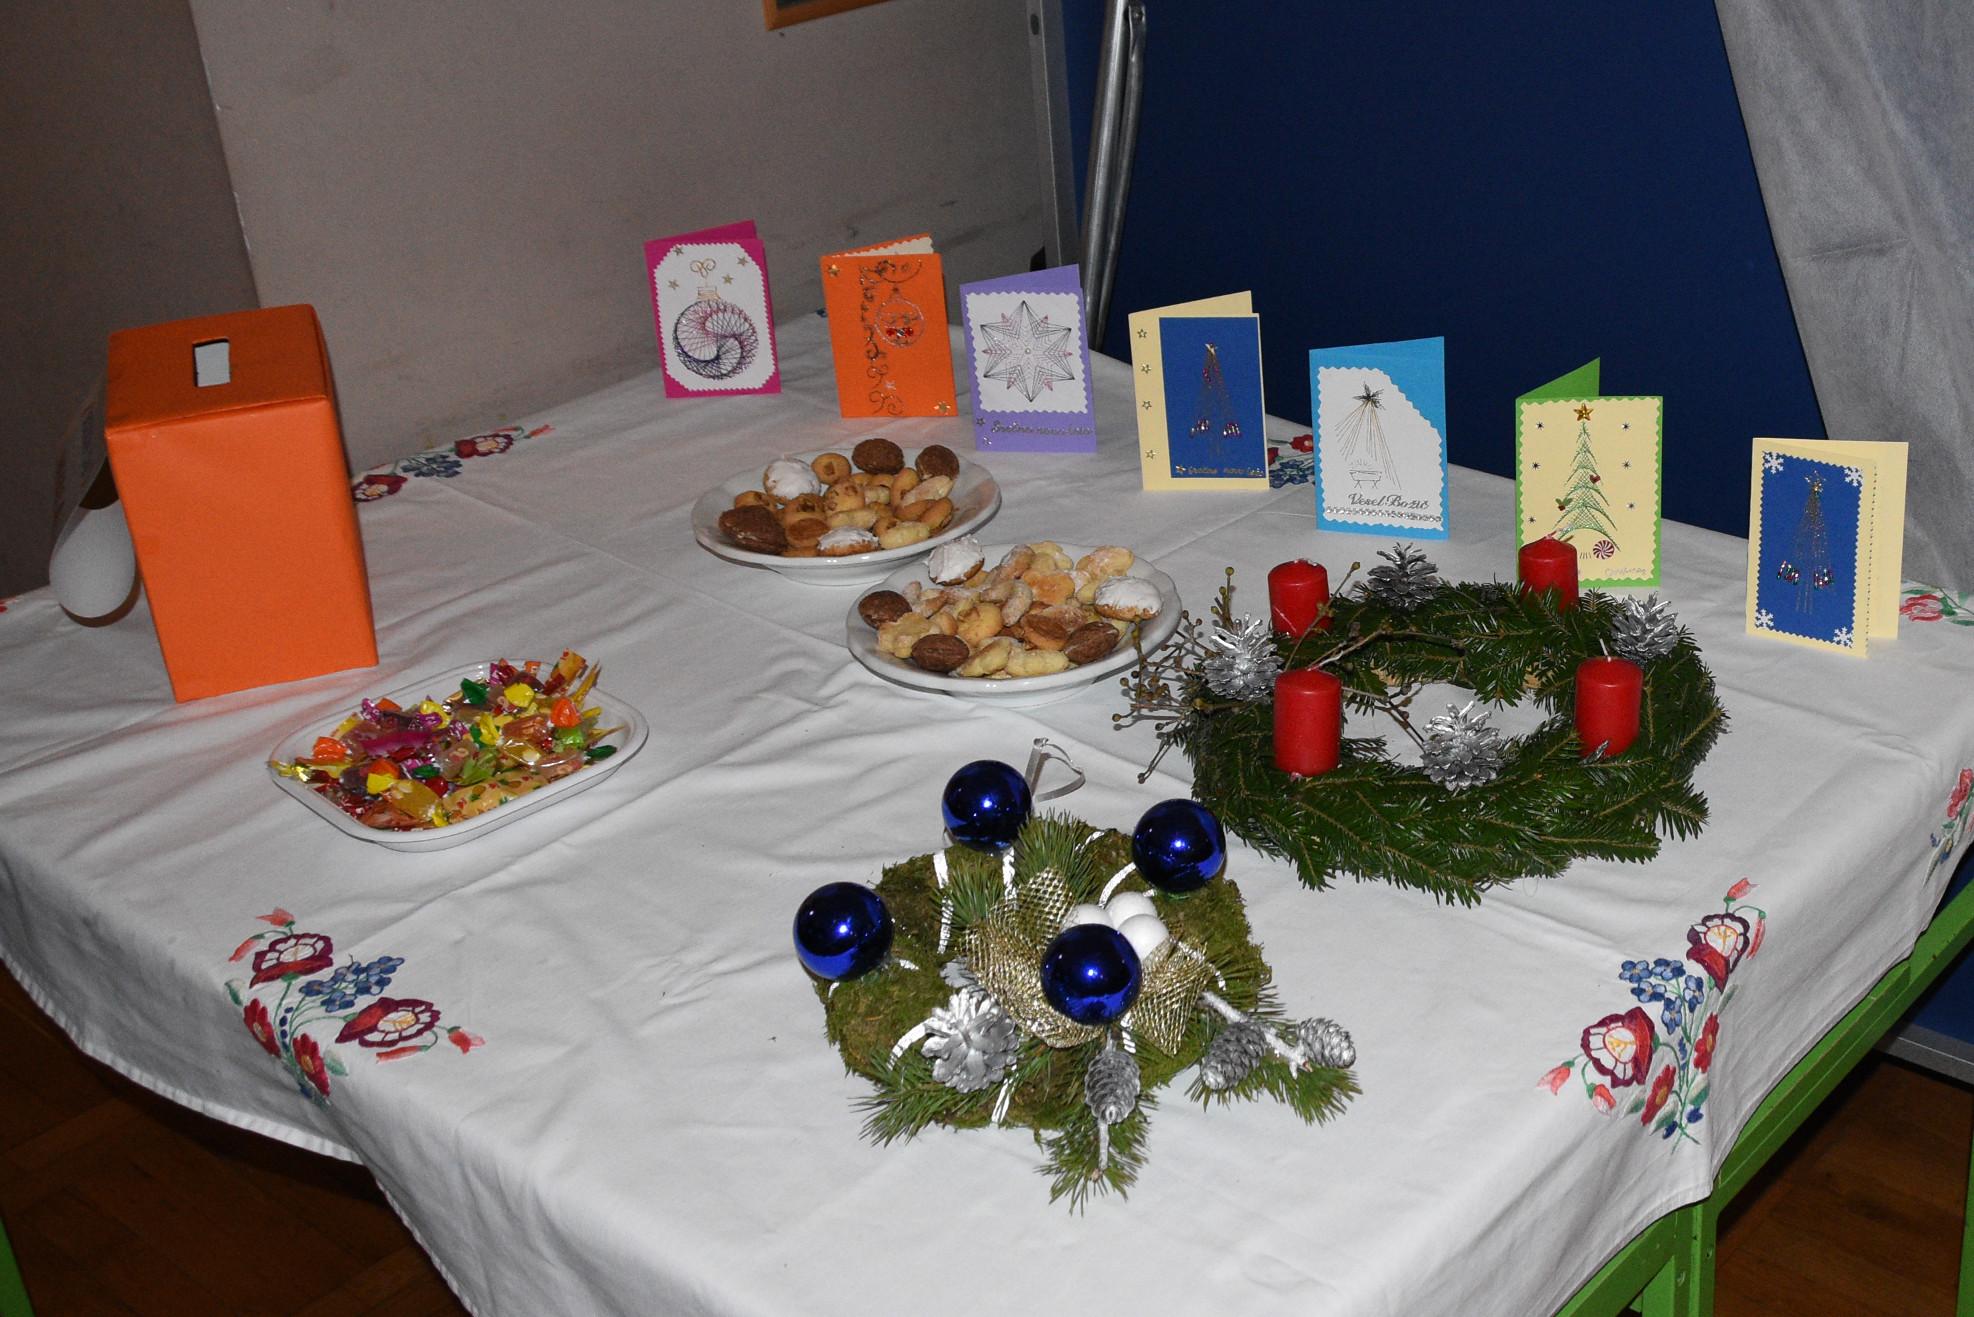 Božični čas se prične z Adventom, Adventni venček in pisanje božičnih voščil